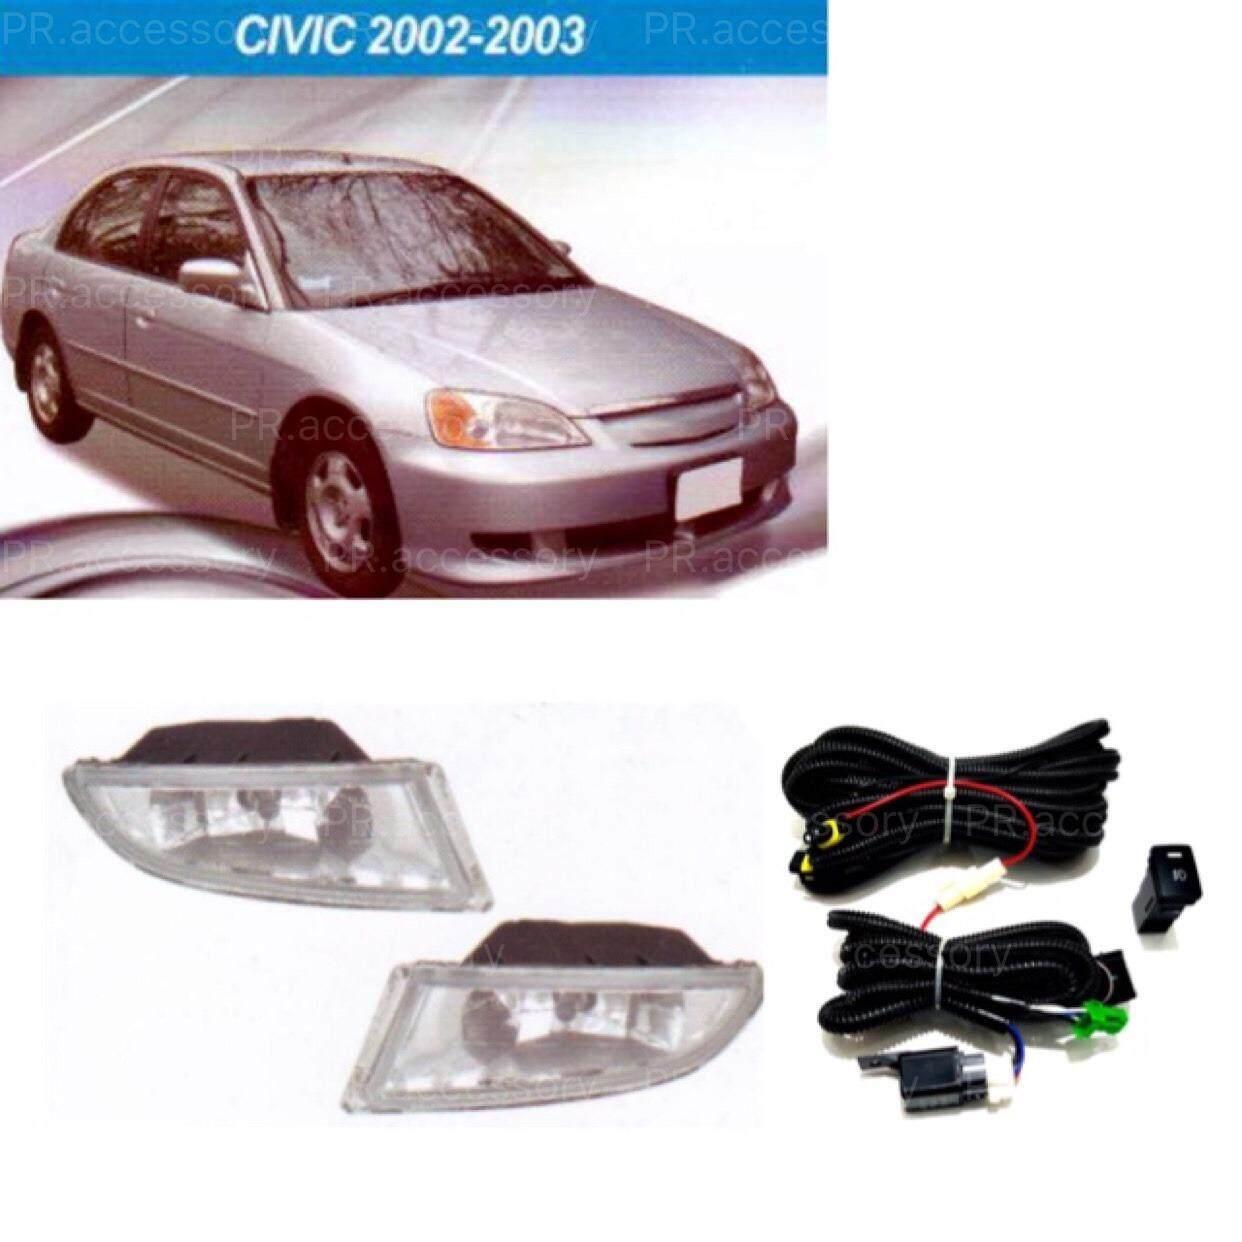 โปรโมชั่น ไฟตัดหมอก ไฟสปอร์ตไลท์ Honda Civic 2002 2003